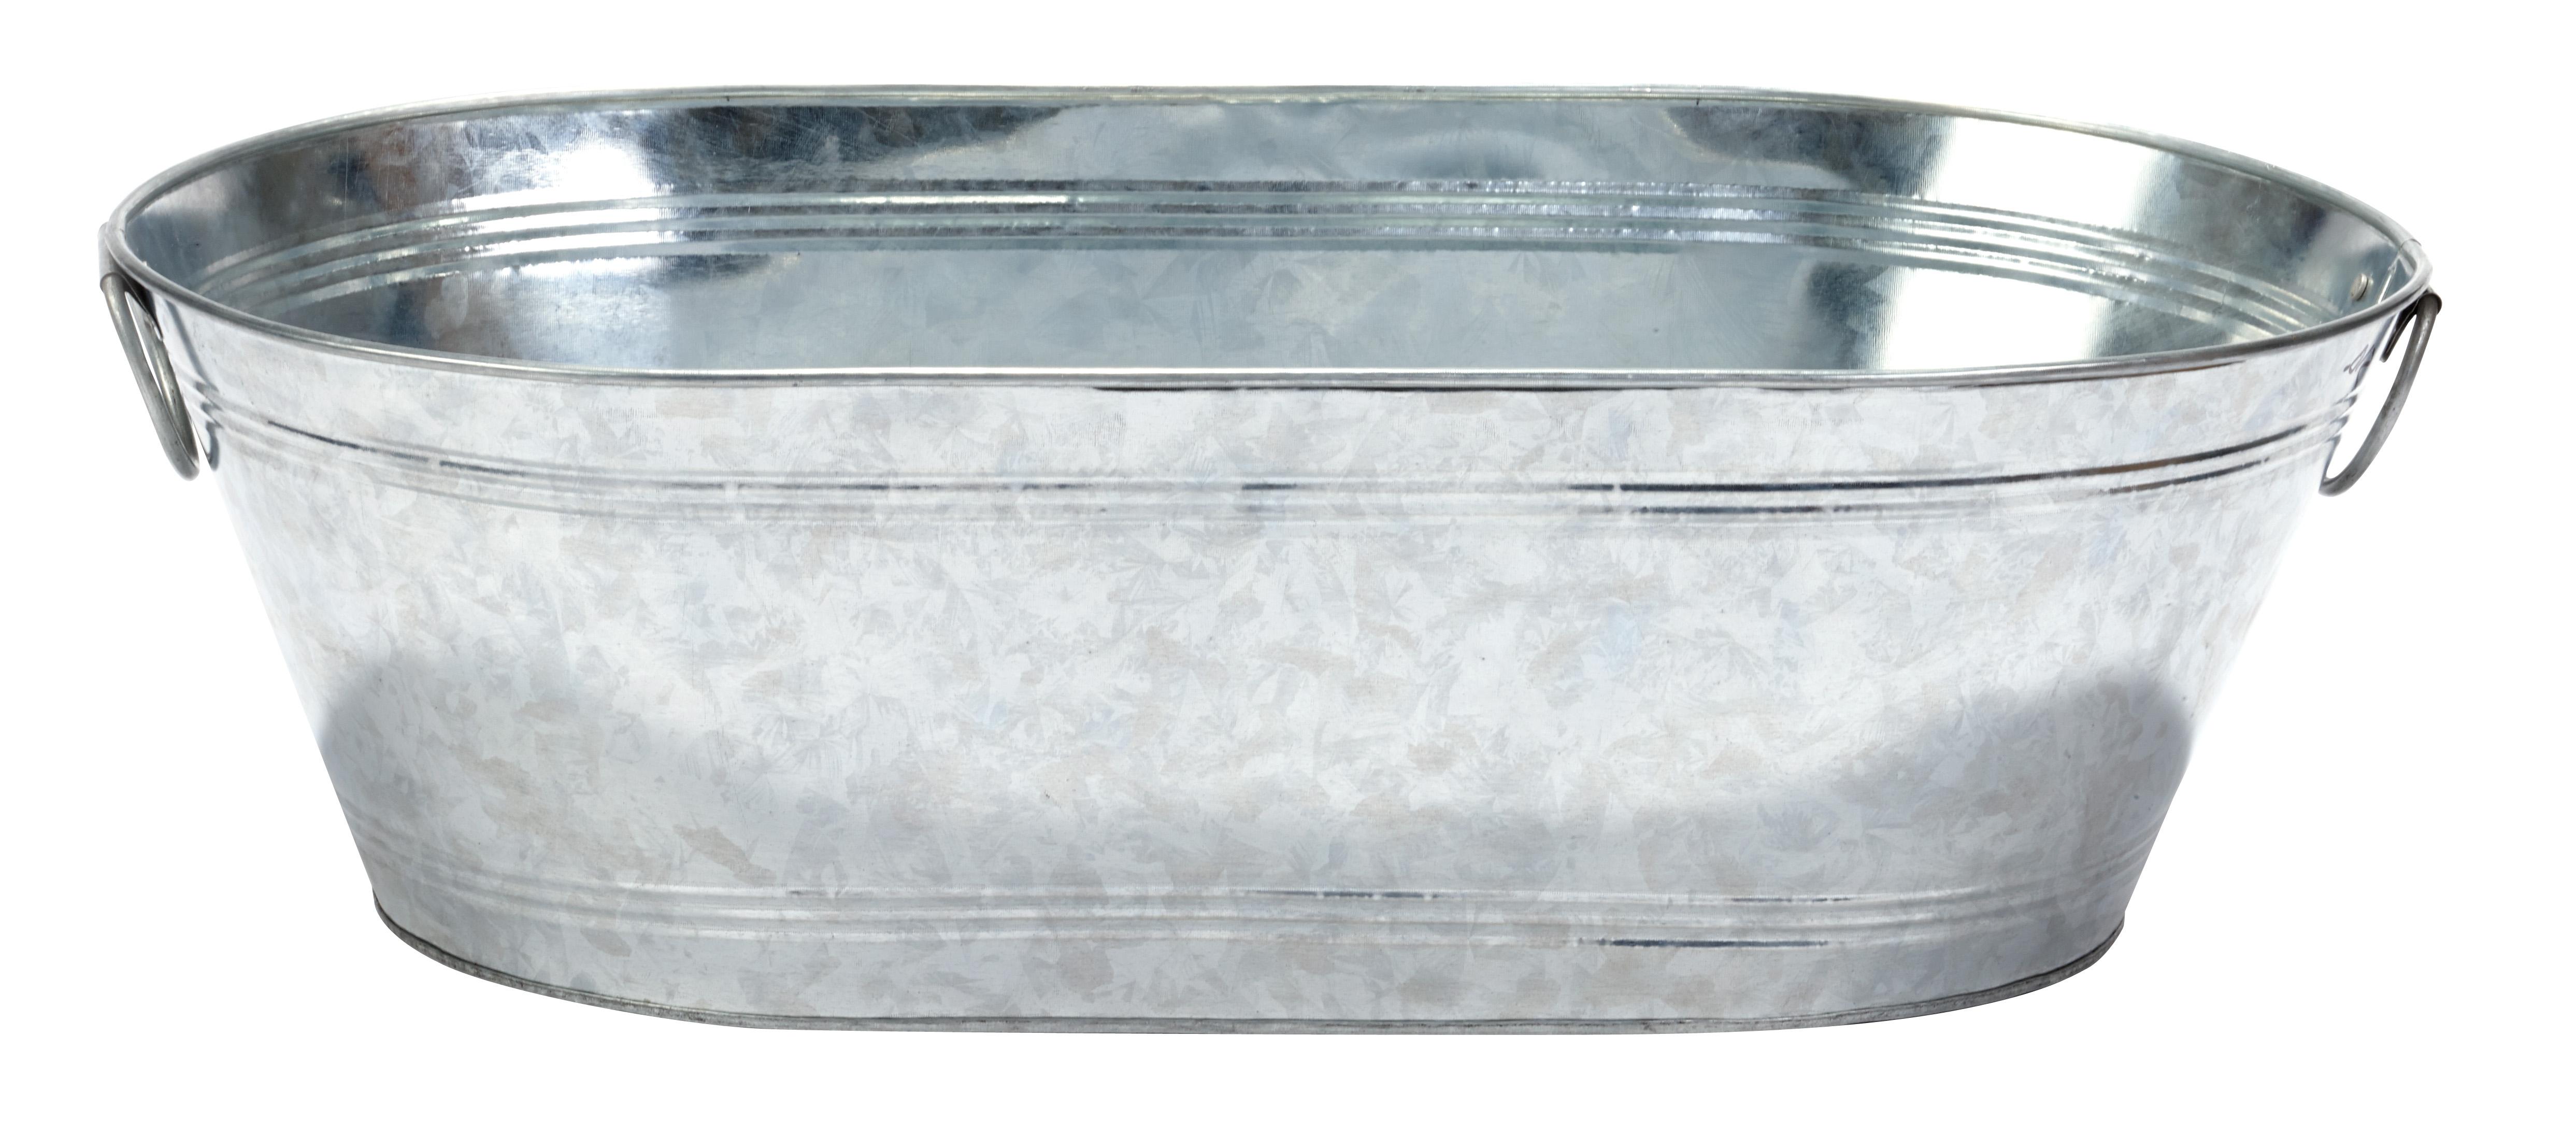 10 5 Gallon Galvanized Oval Tub